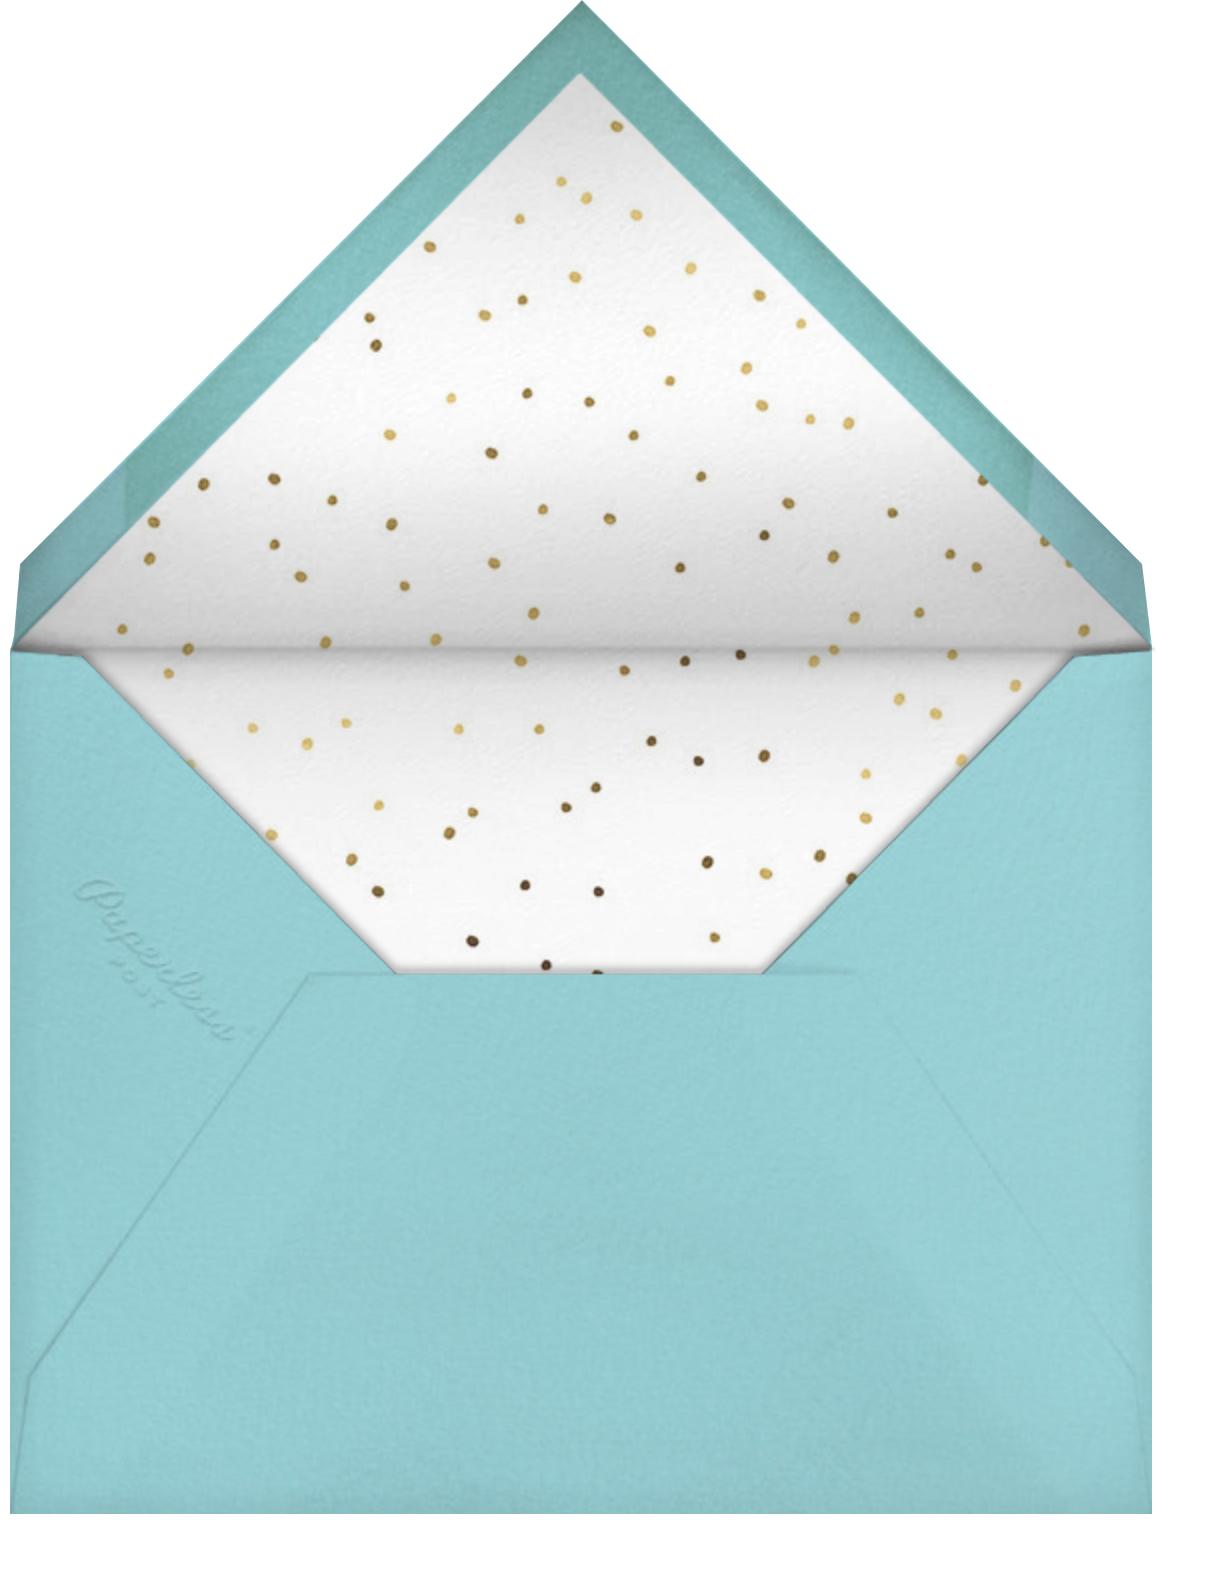 Nutcracker Pas de Deux - Meri Meri - Christmas party - envelope back